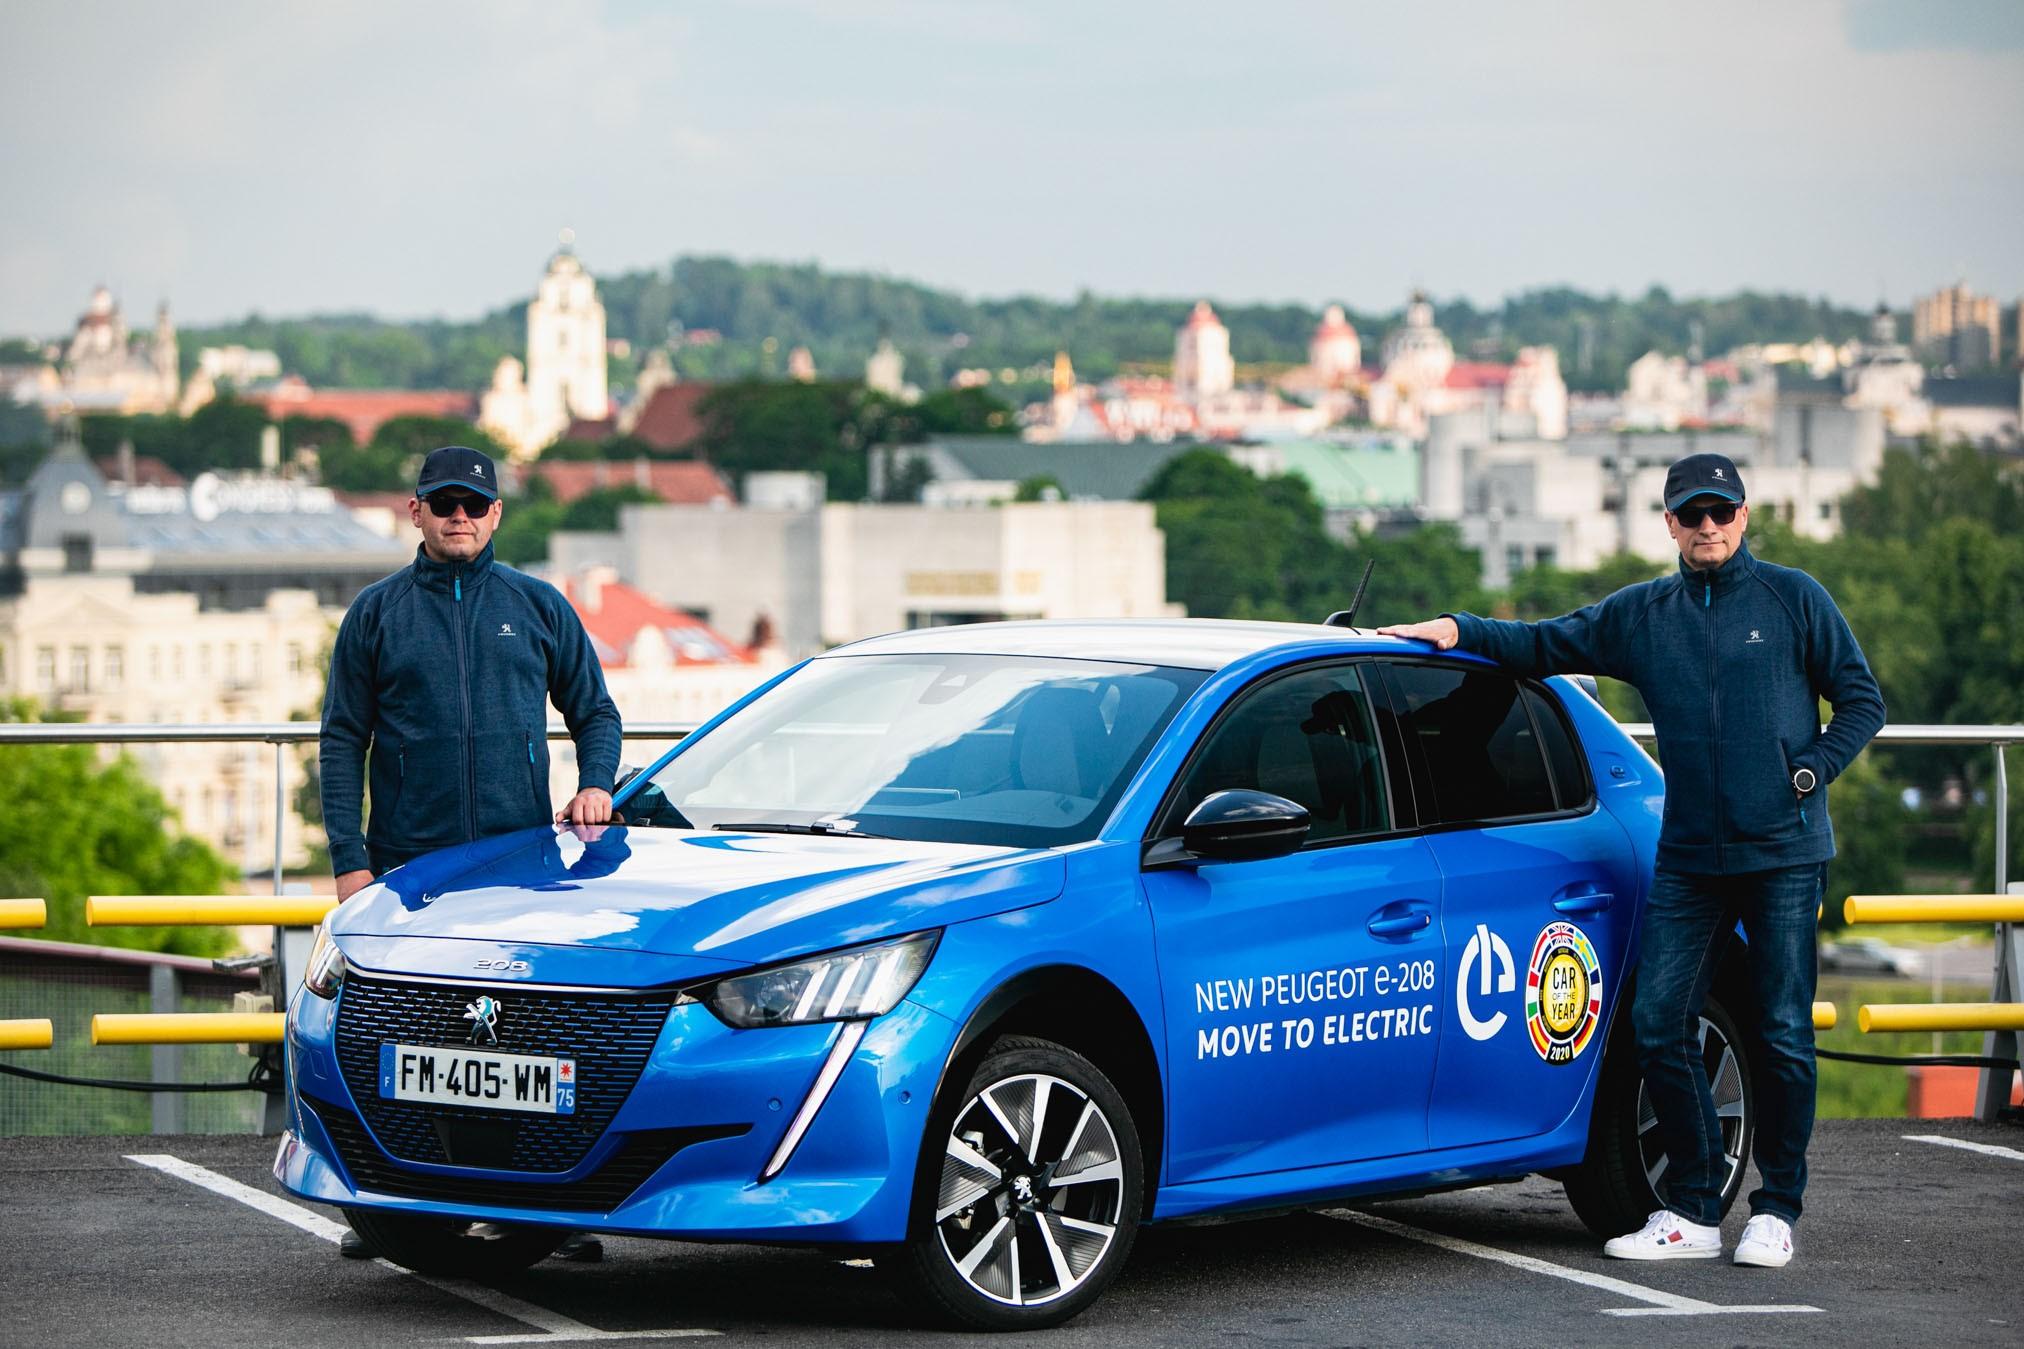 Peugeot e-208: το γρηγορότερο ηλεκτρικό αυτοκίνητο στην κατηγορία του σε αγώνα 300χλμ!